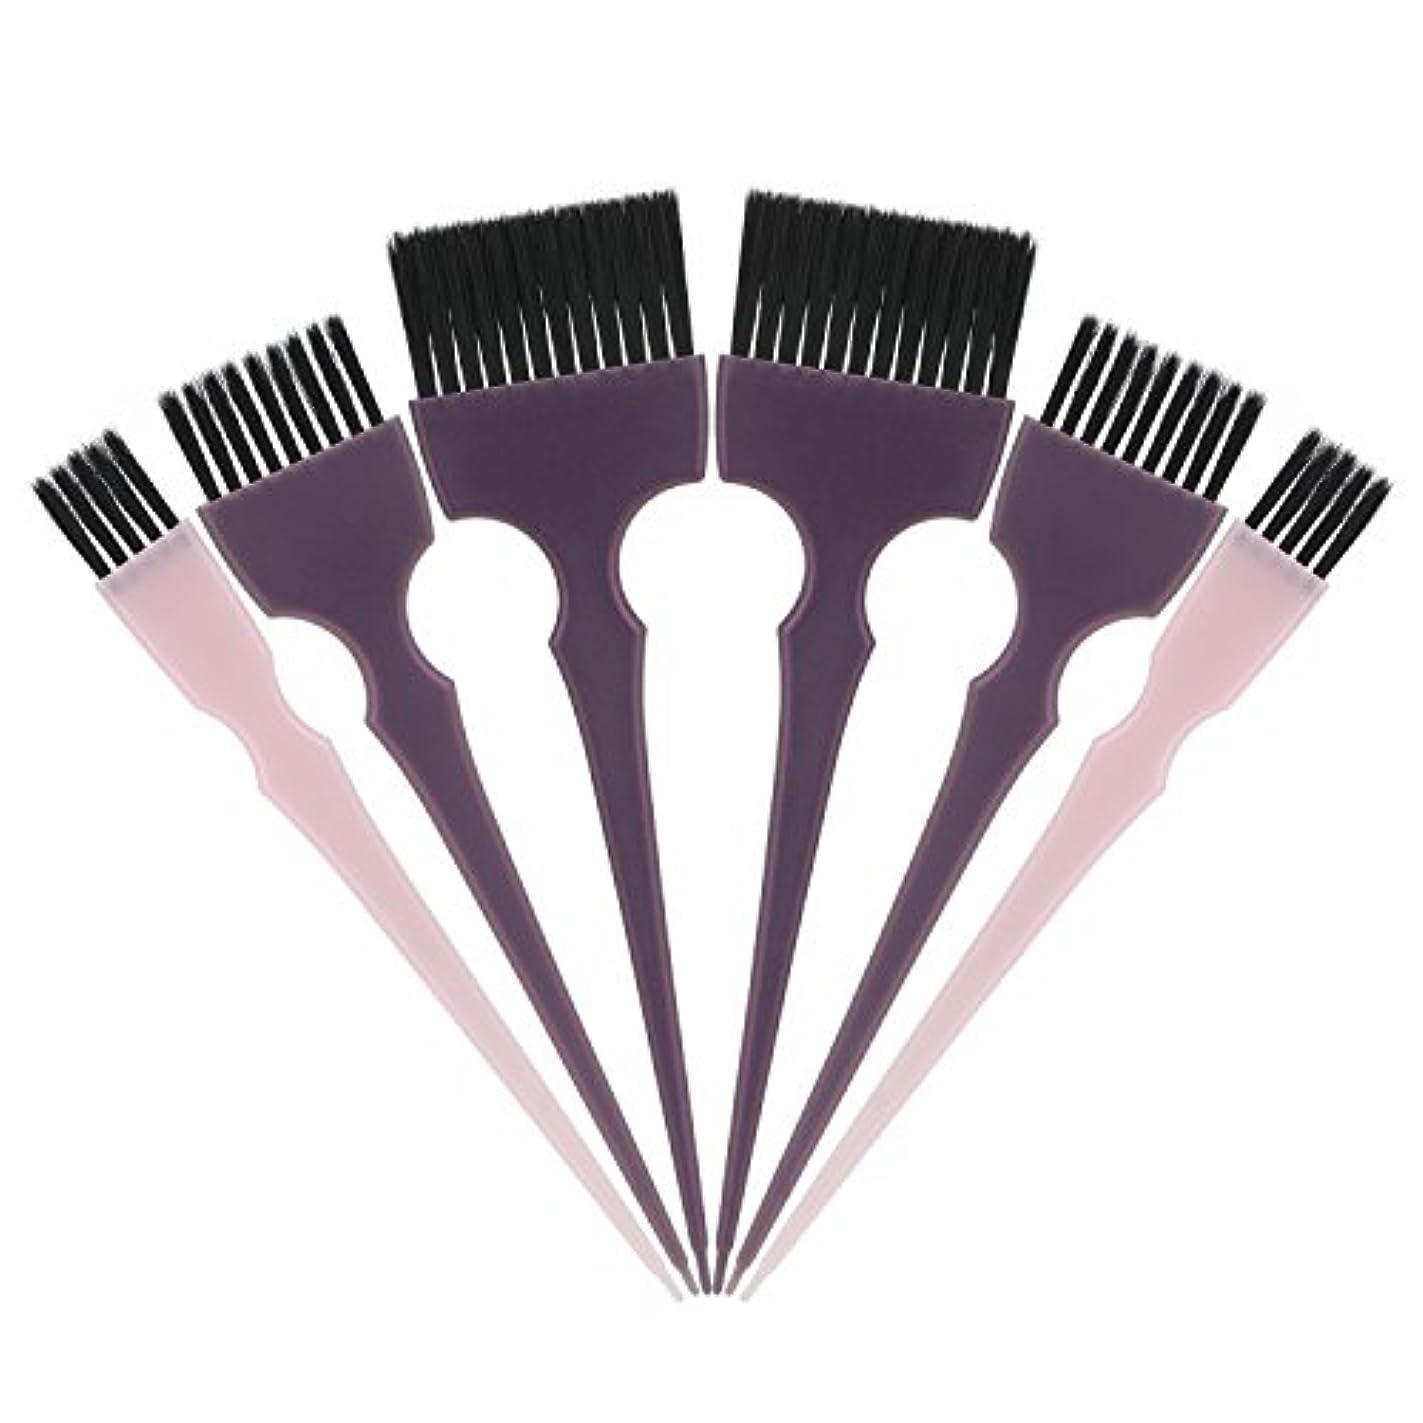 リマークアライメント世界記録のギネスブックSegbeauty 髪染めのブラシ 六本のセット サロンの美髪用 プロのヘアカラーリング用